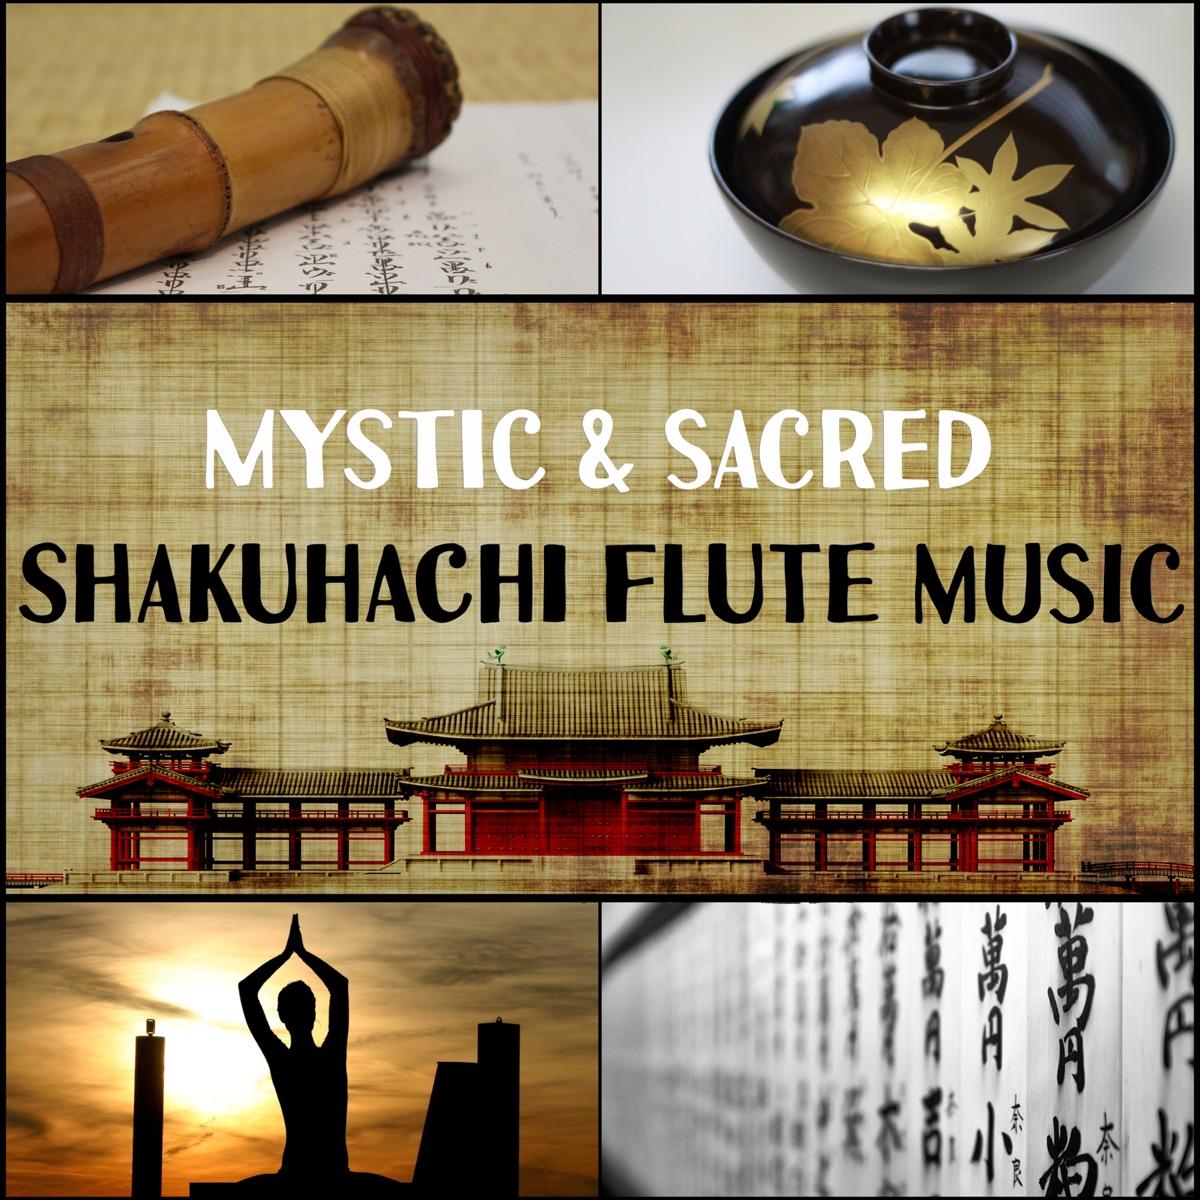 Mystic & Sacred Shakuhachi Flute Music: Japanese Traditional